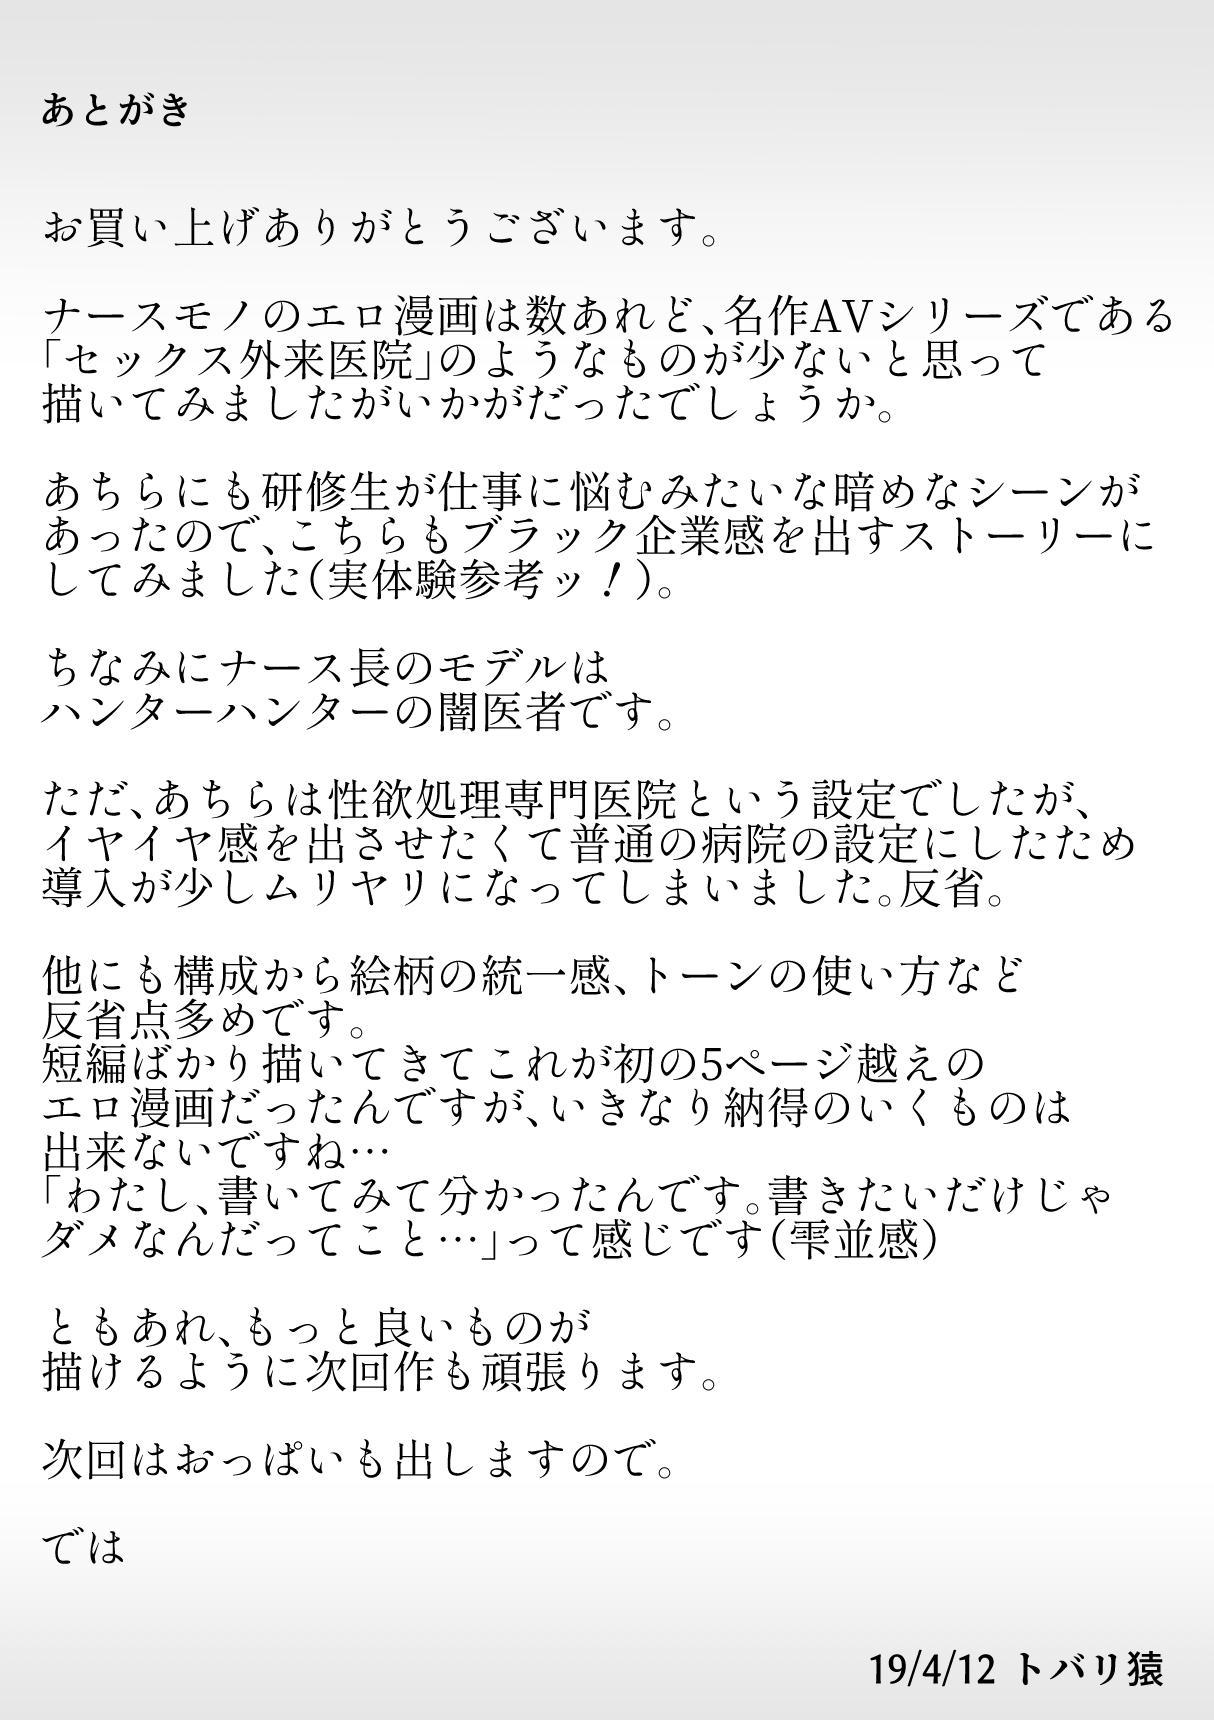 Kimajime Nurse no Seiyoku Shori Jisshuu 35